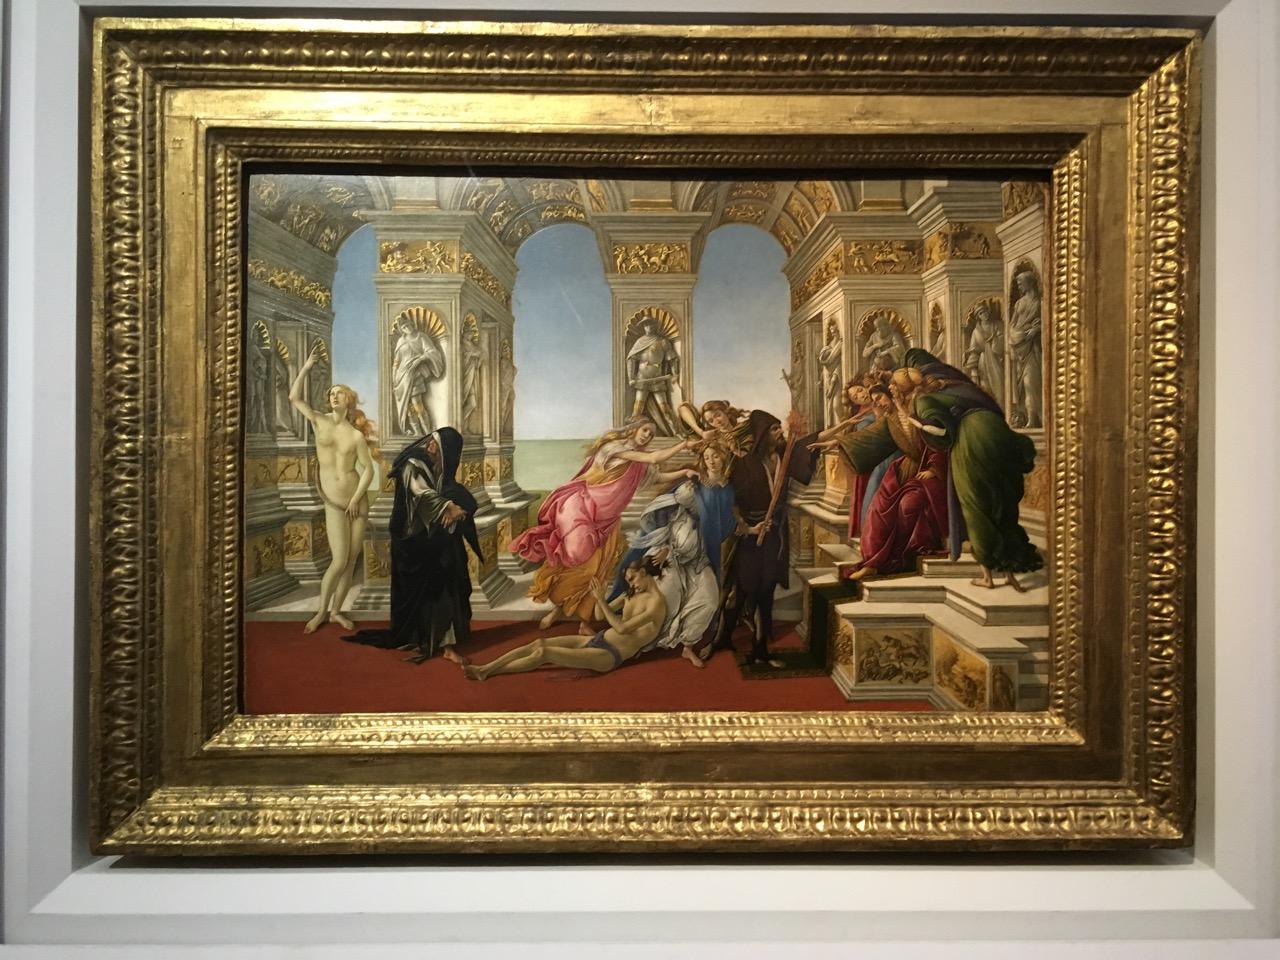 桑德罗·波提切利的《诽谤 (波堤切利)》,1495